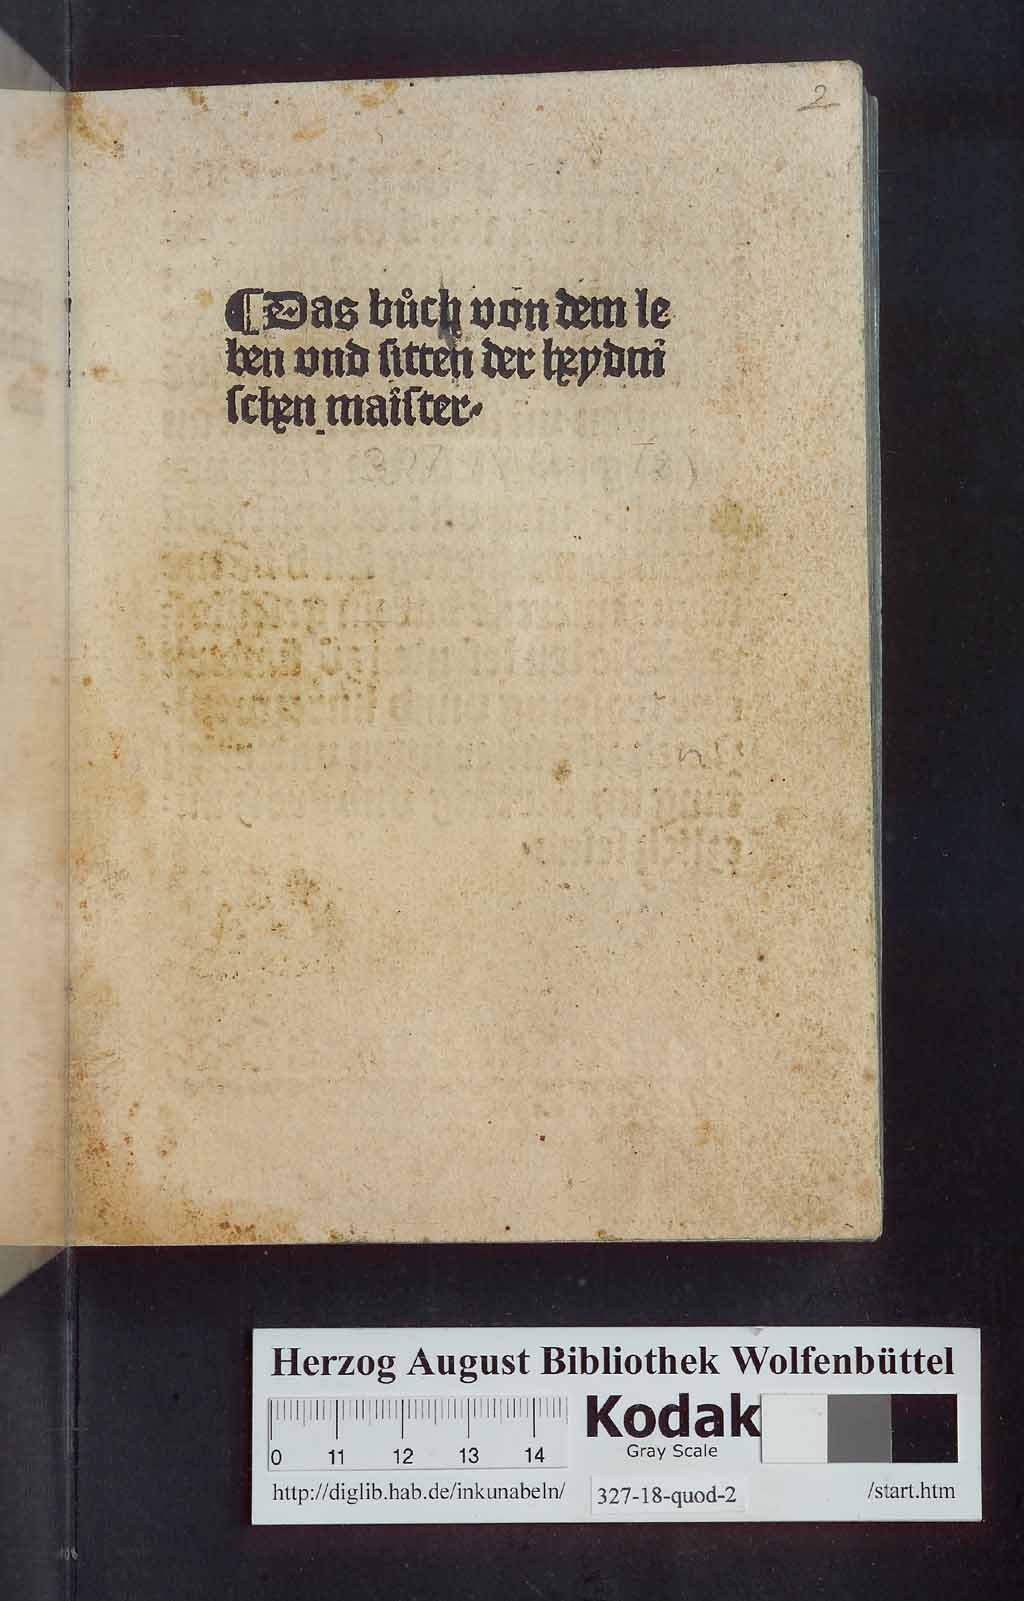 http://diglib.hab.de/inkunabeln/327-18-quod-2/00001.jpg